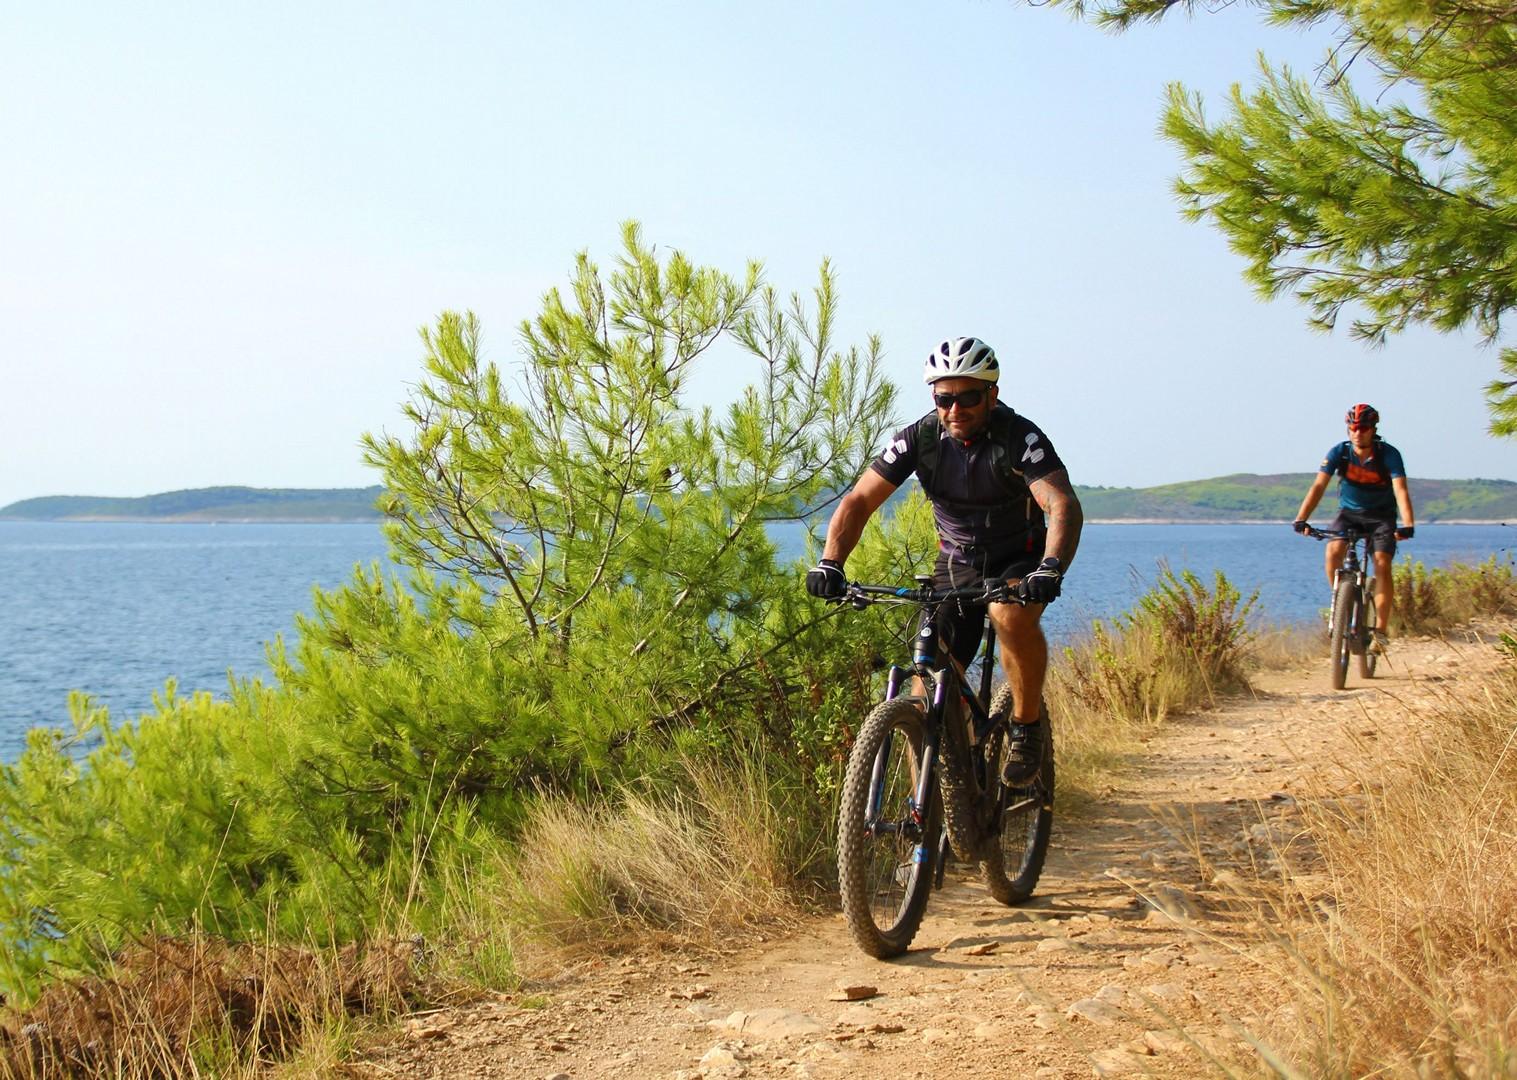 biking-in-croatia-guided-holiday-skedaddle.JPG - NEW! Croatia - Terra Magica - eMTB - Mountain Biking